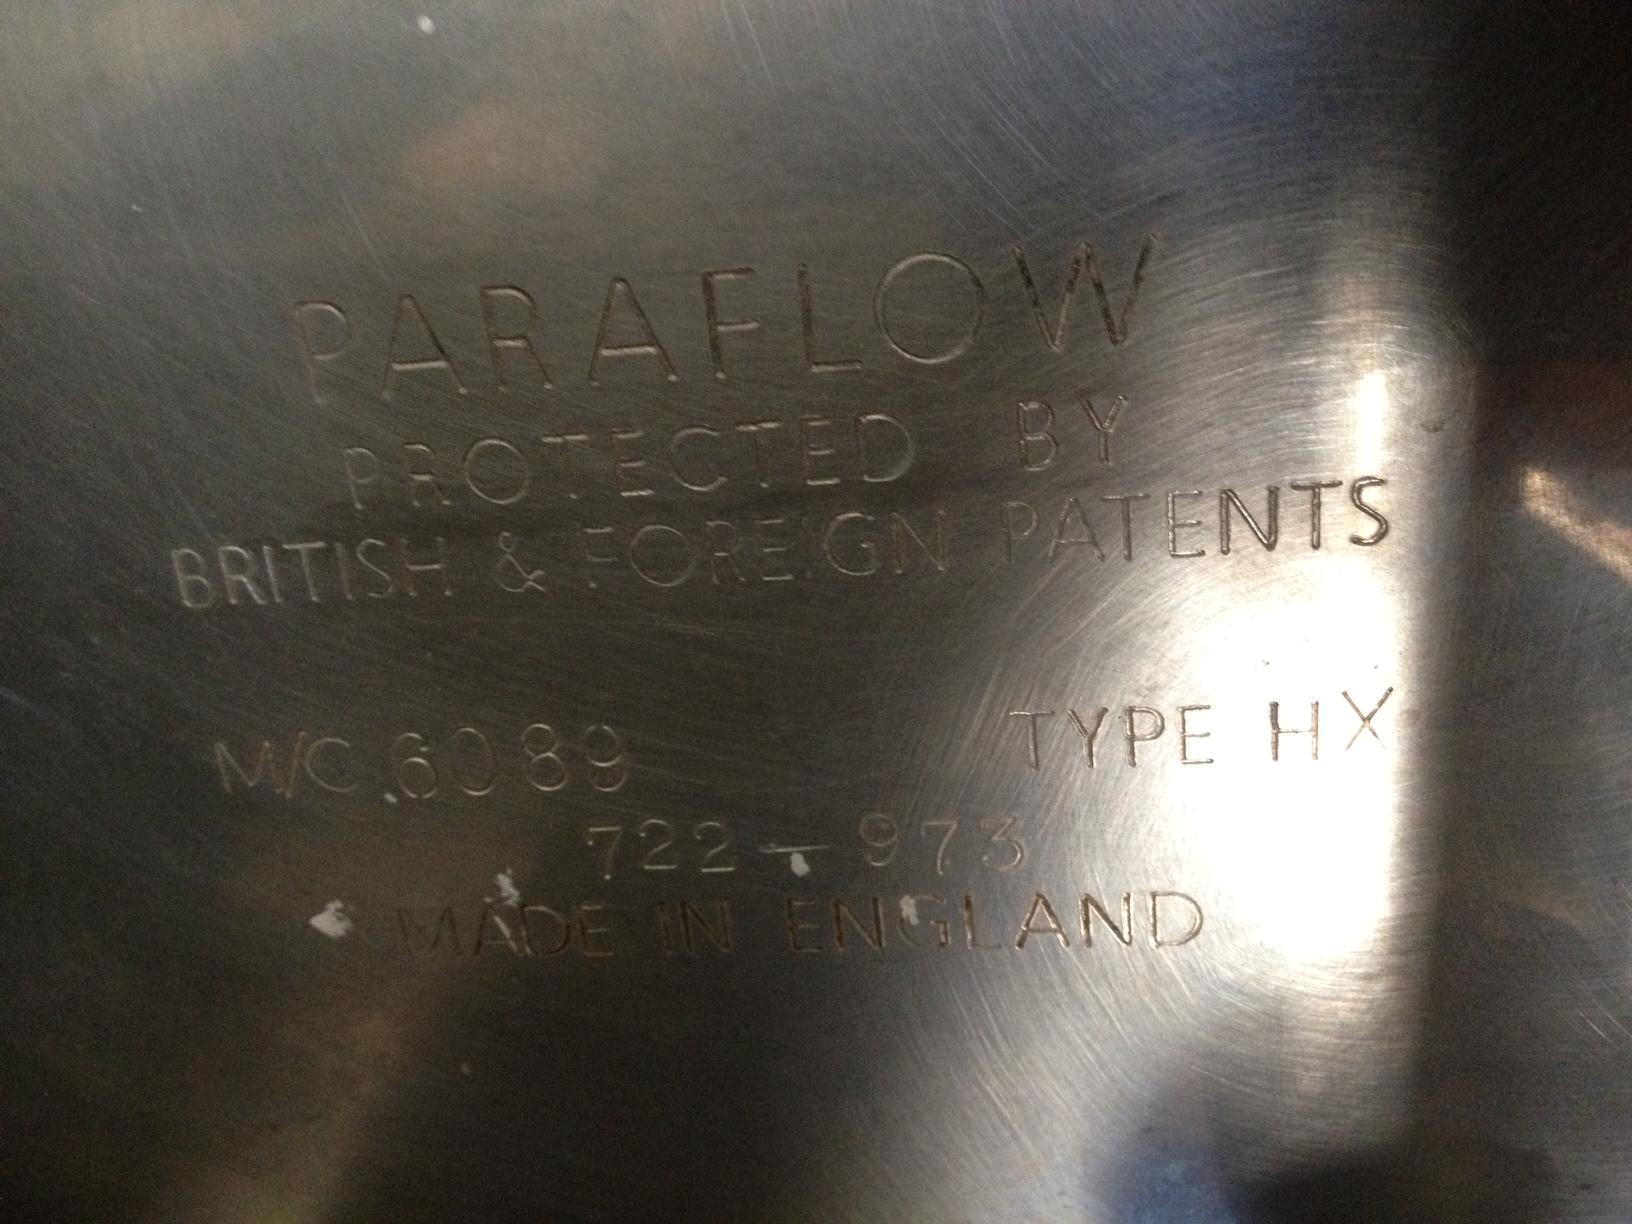 Échangeur à plaques APV Paraflow Type HXMC6089 MS 722-973